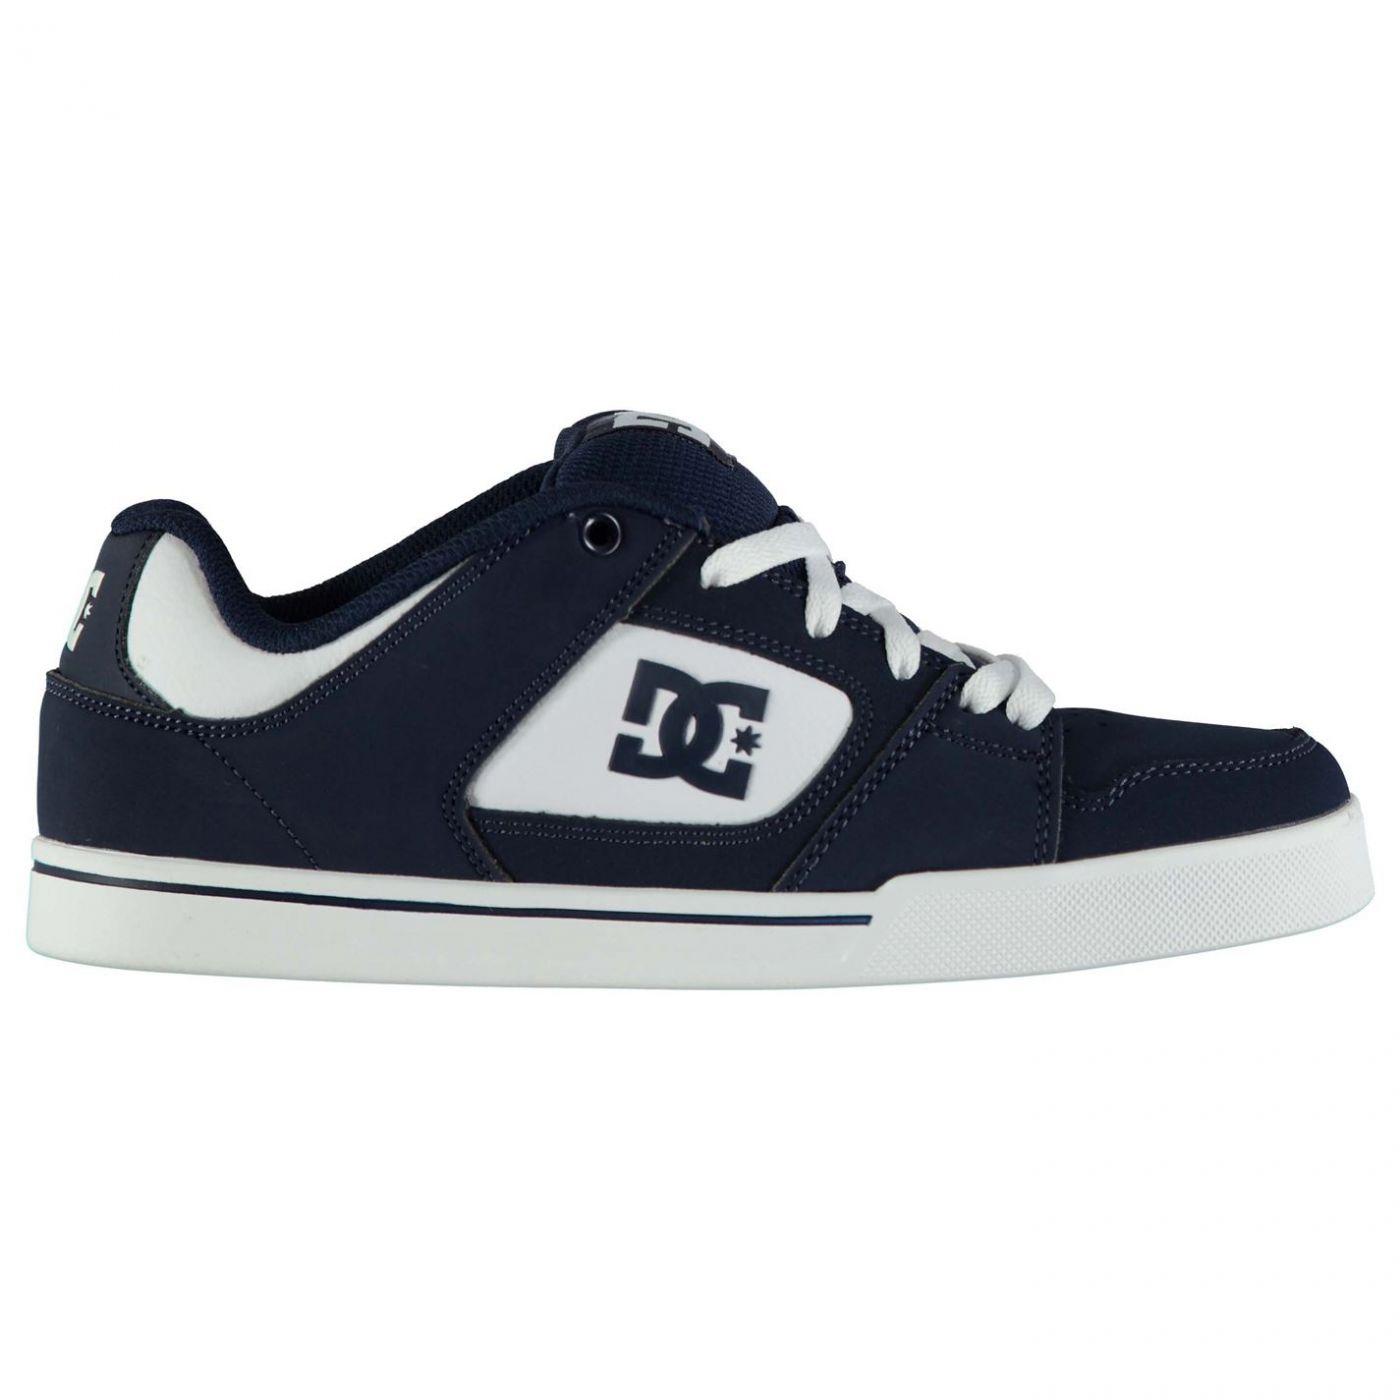 3de8ddf6f3 DC Blitz II Skate Shoes Mens - FACTCOOL